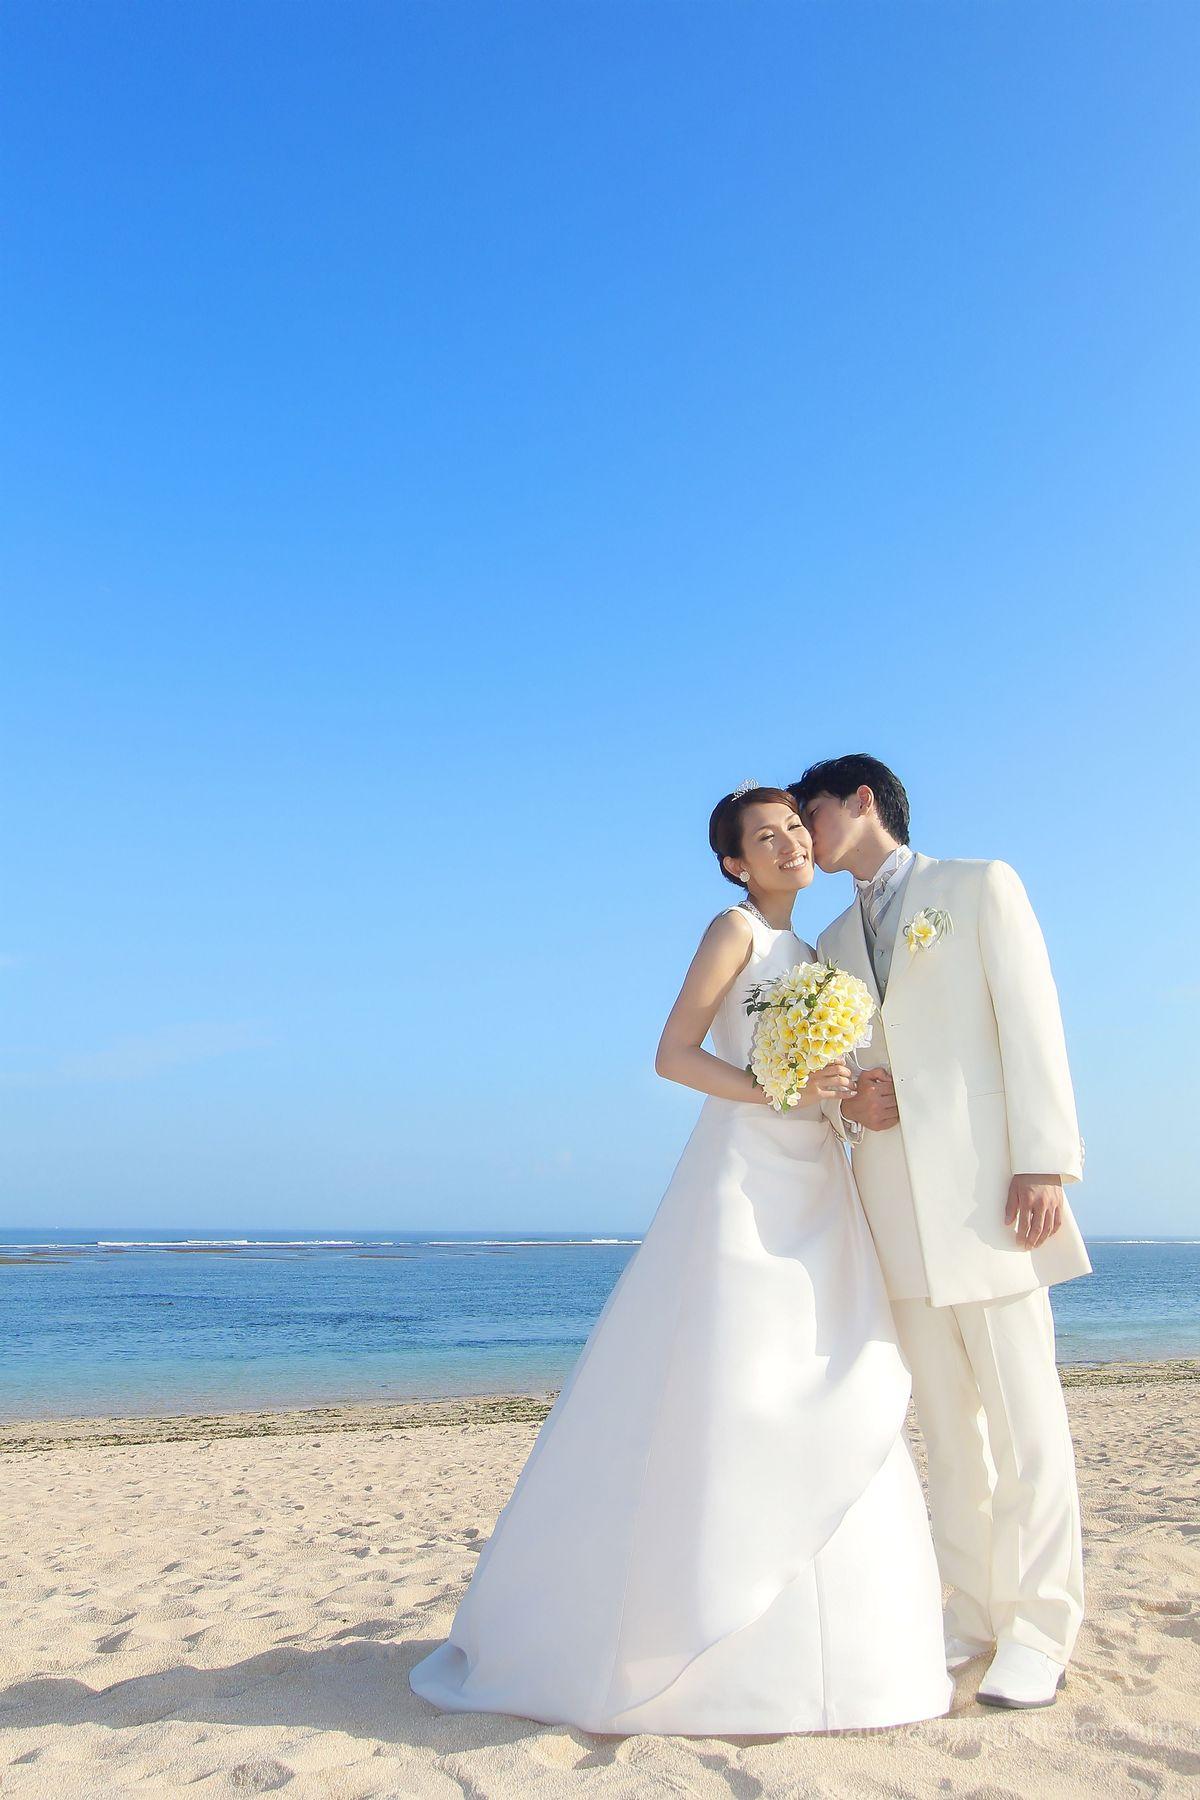 bali wedding photo tour